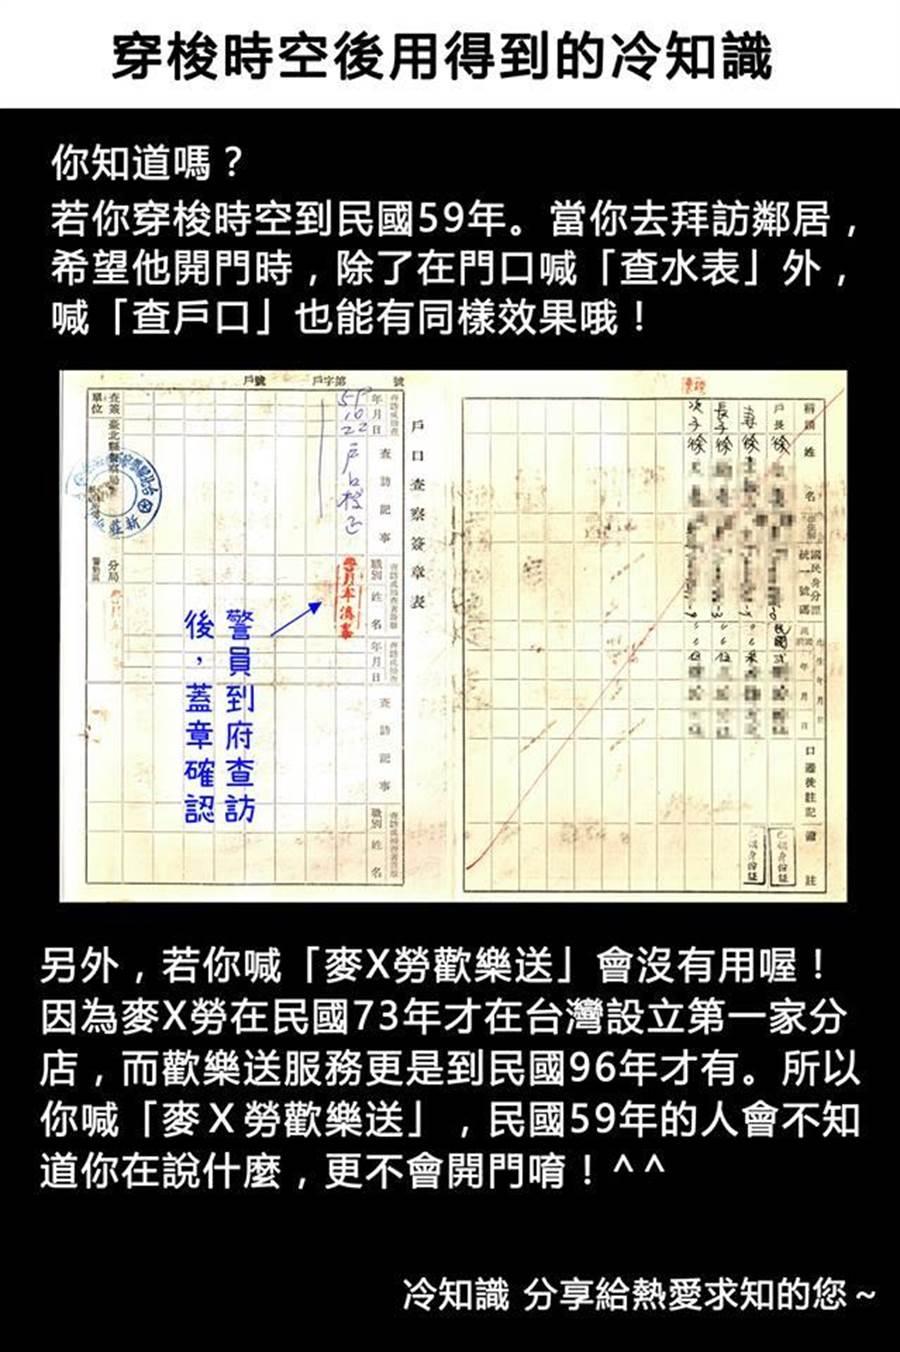 內政部附圖民國59年的戶口名簿。(翻攝內政部臉書)